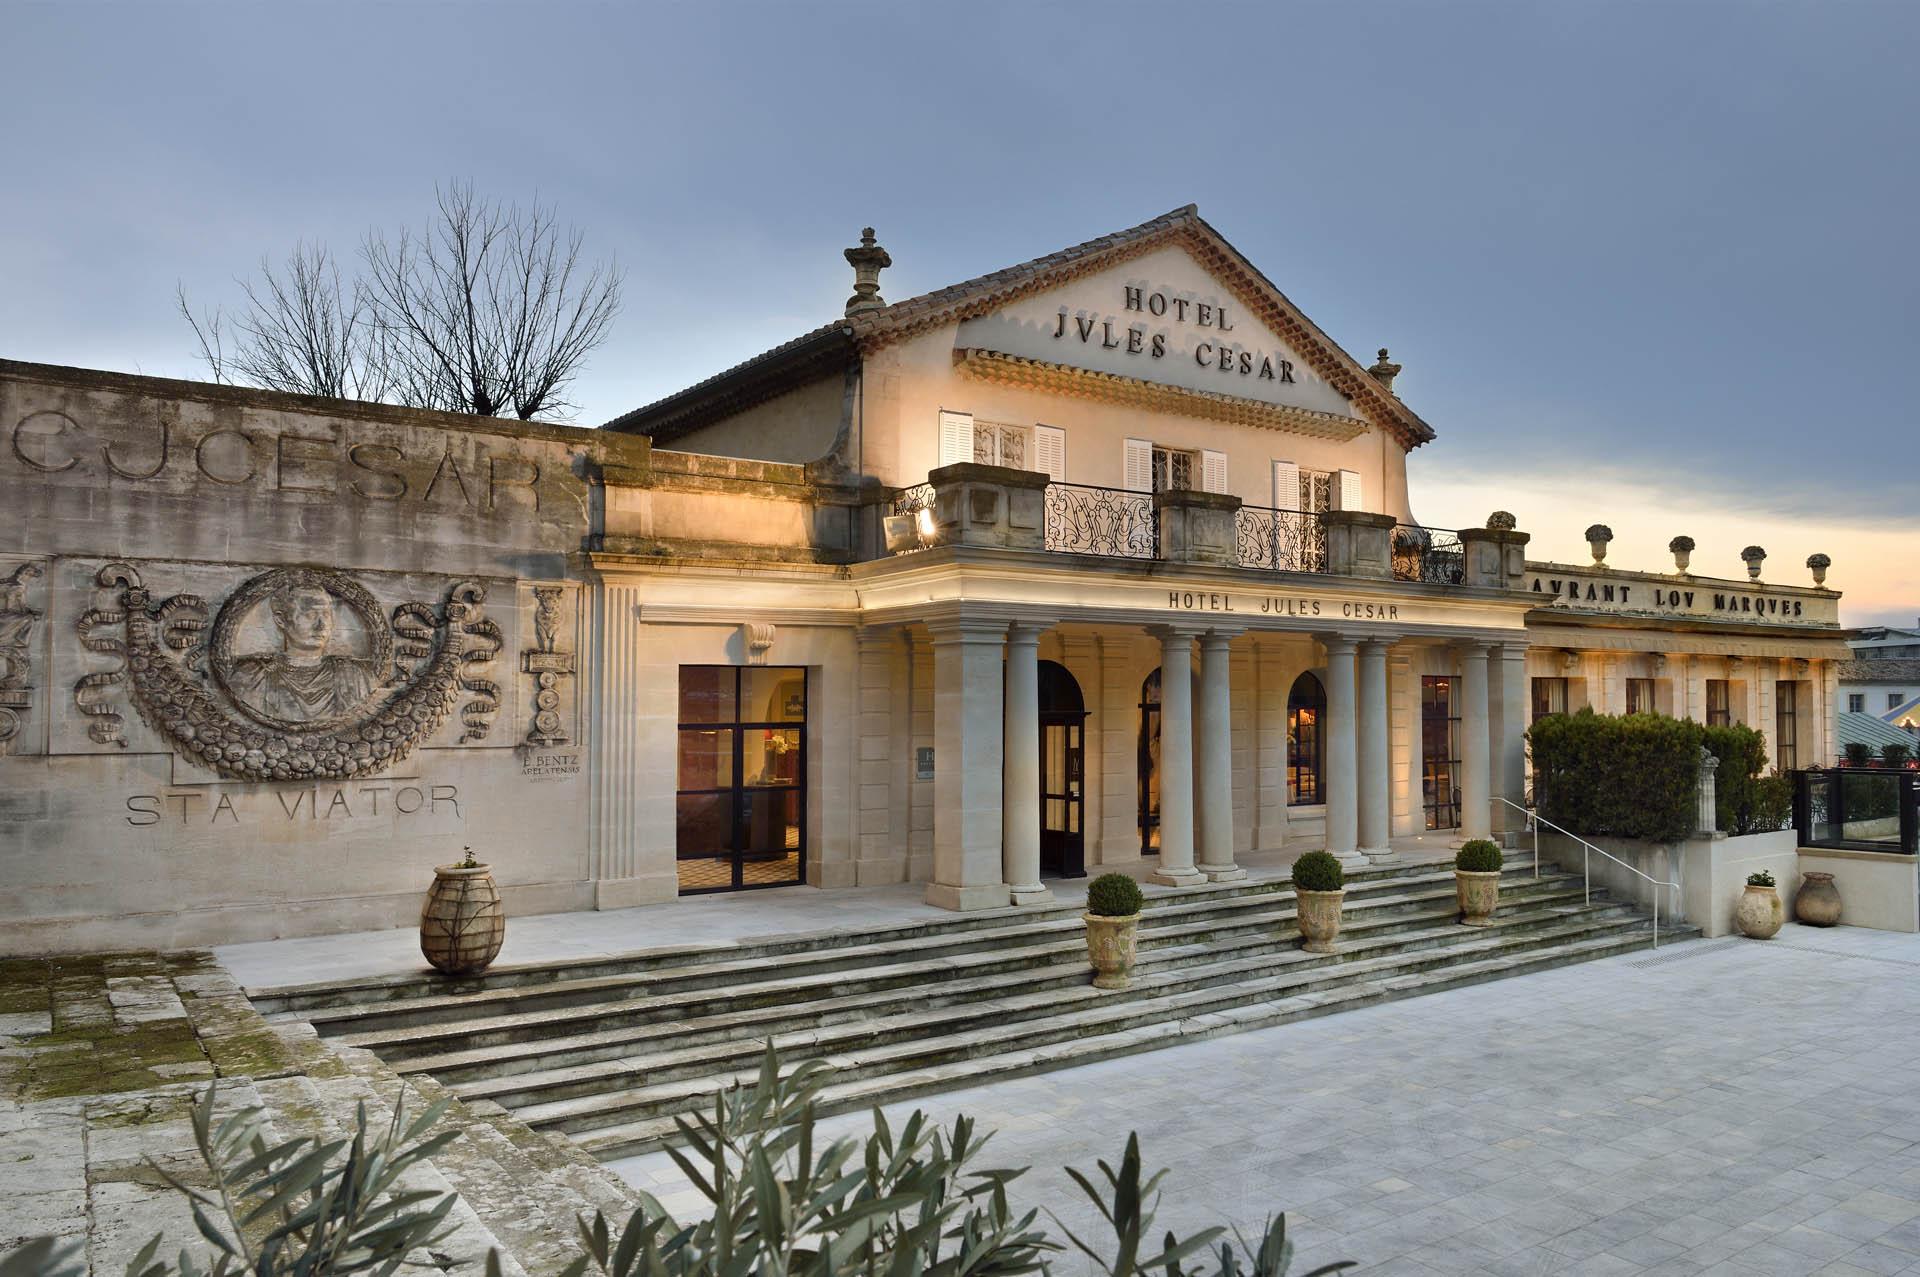 Découvrez l'Hôtel Jules César, hôtel de caractère signé Christian Lacroix, lors d'un séjour ensoleillé au cœur d'Arles !